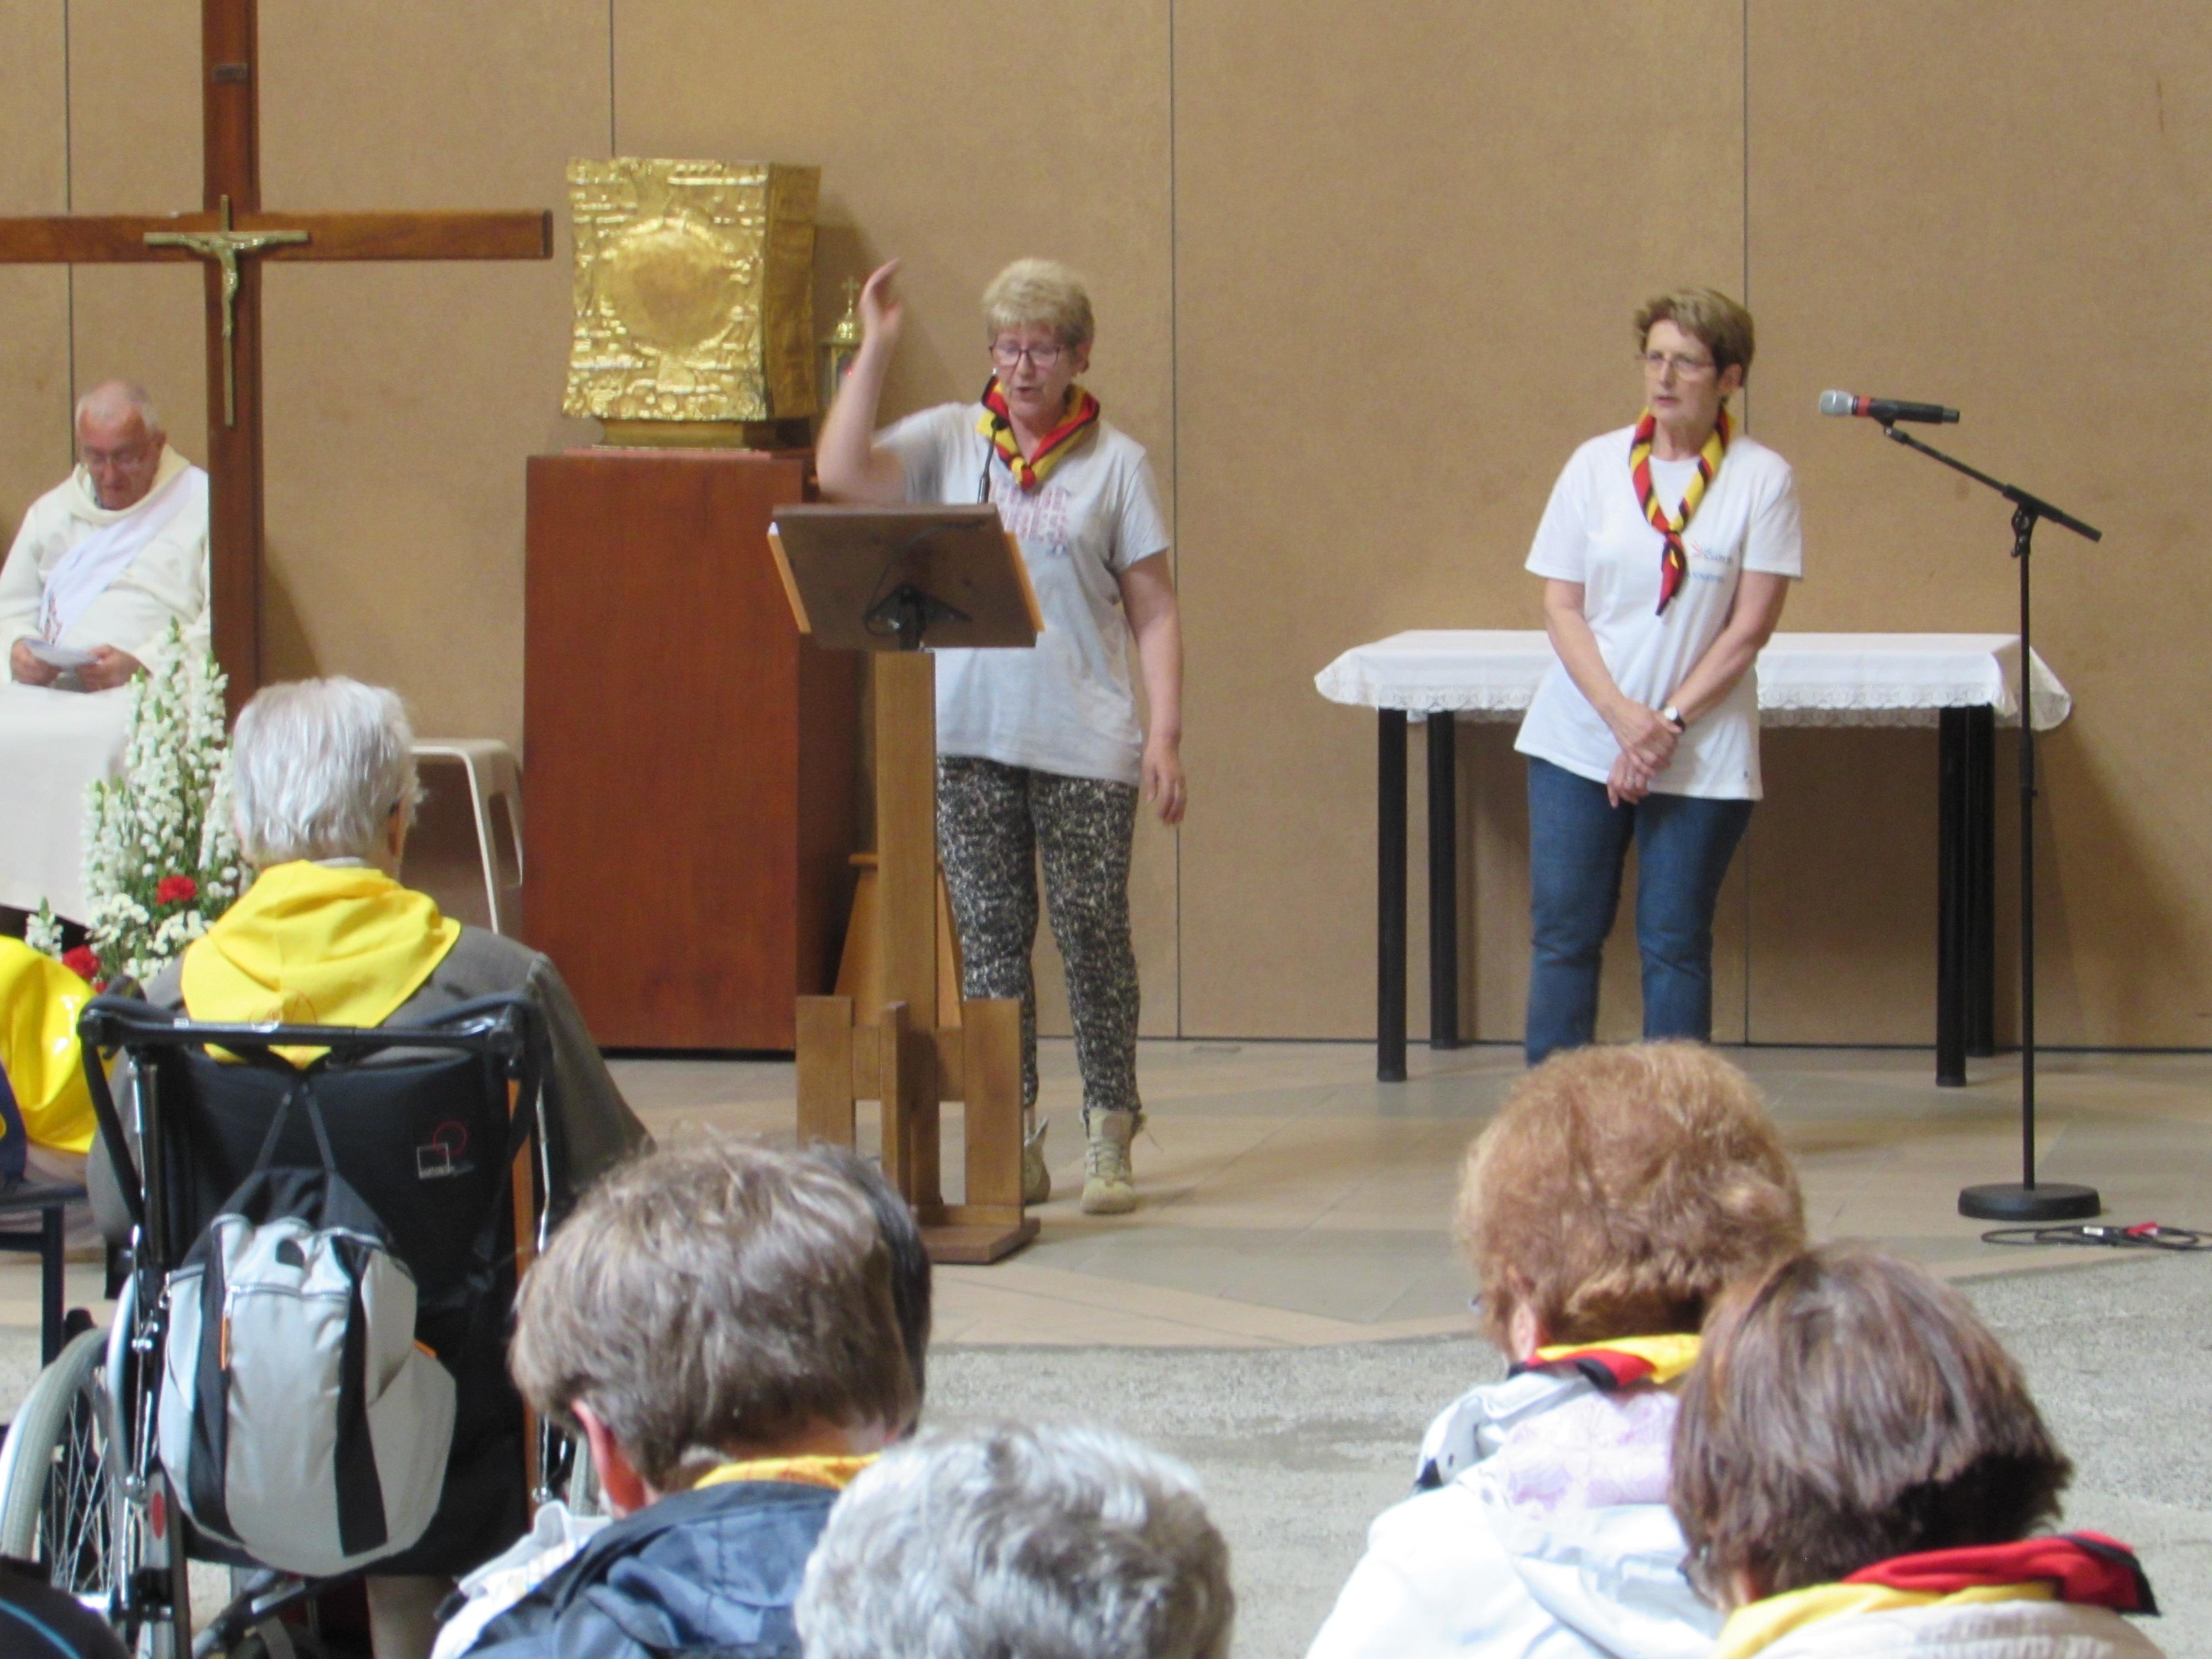 112 - Cérémonie d'ouverture à Ste Bernadette